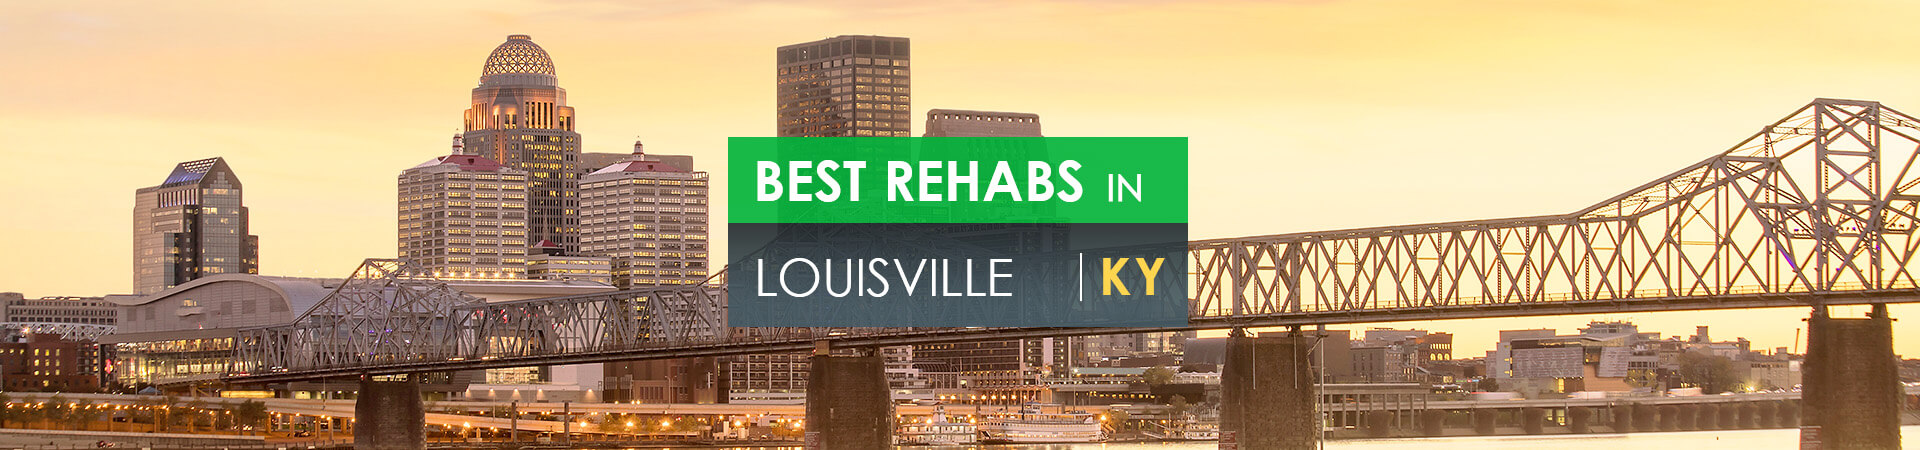 Best rehabs in Louisville, KY